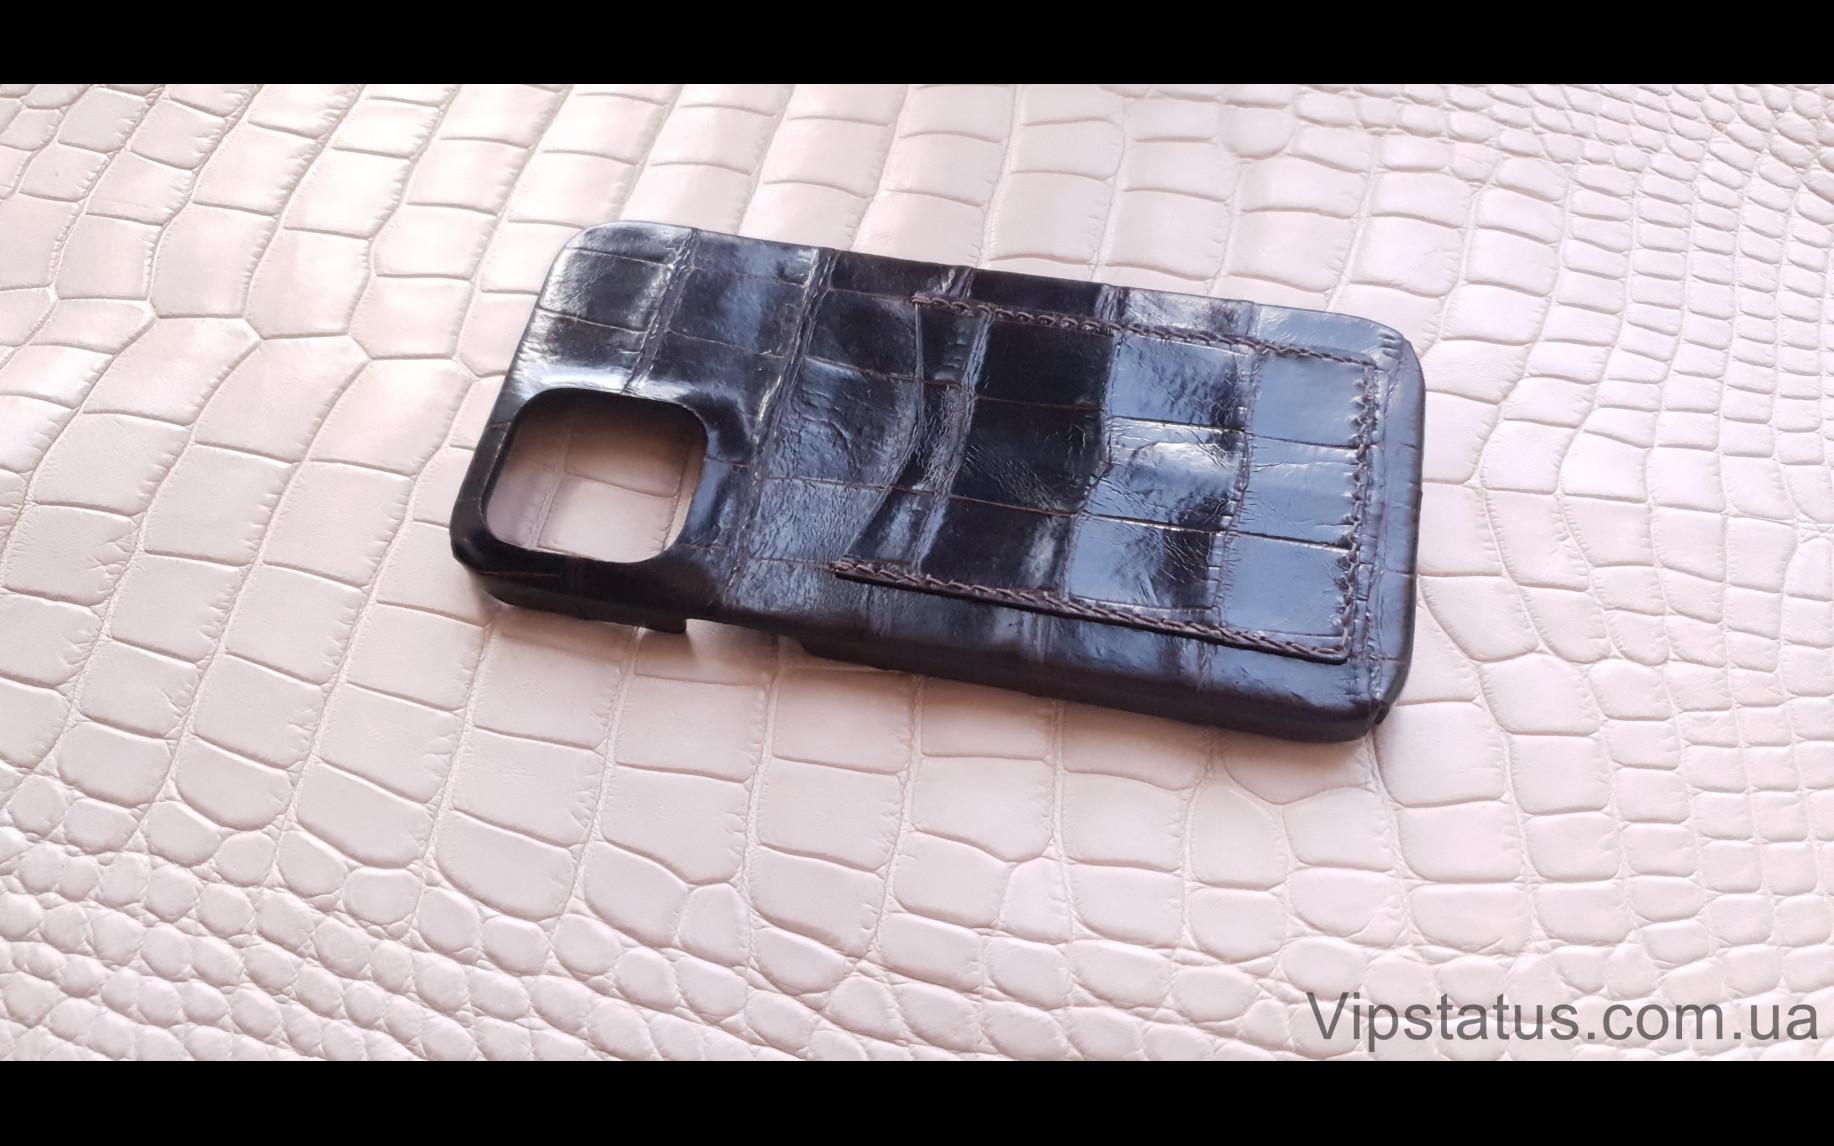 Элитный Dark Brown Экзотический чехол IPhone 11 12 Pro Max Dark Brown Экзотический чехол IPhone 11 12 Pro Max кожа крокодила изображение 1